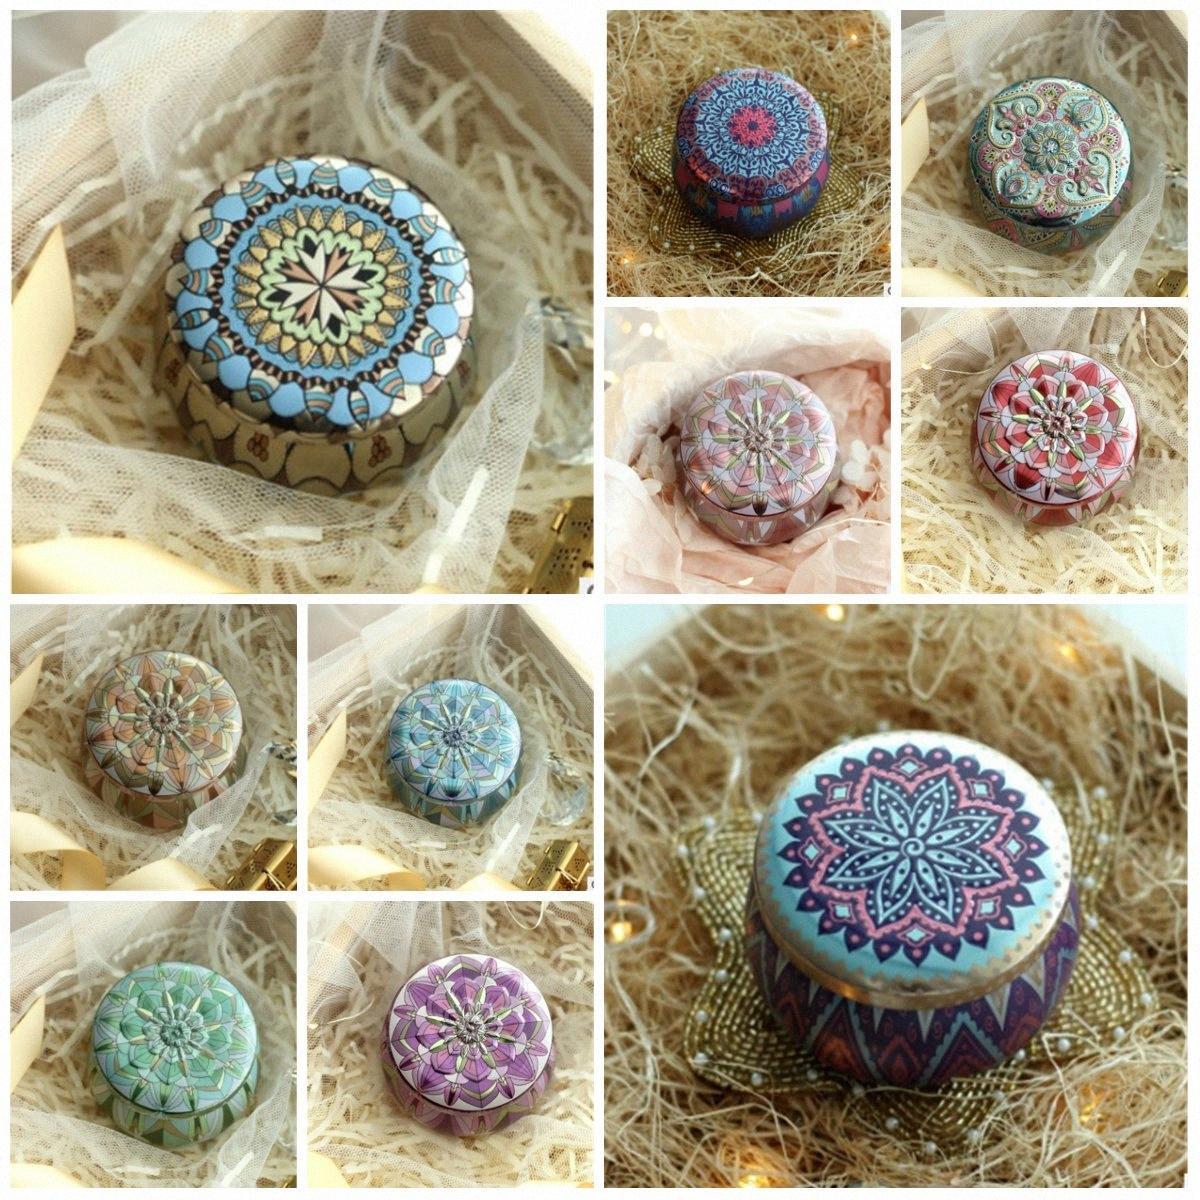 Hot Scented Tea Box Candle Pot Small Tea Golden European Creative Wedding Candy Box Tin Box Wedding DHA3 k5W1#